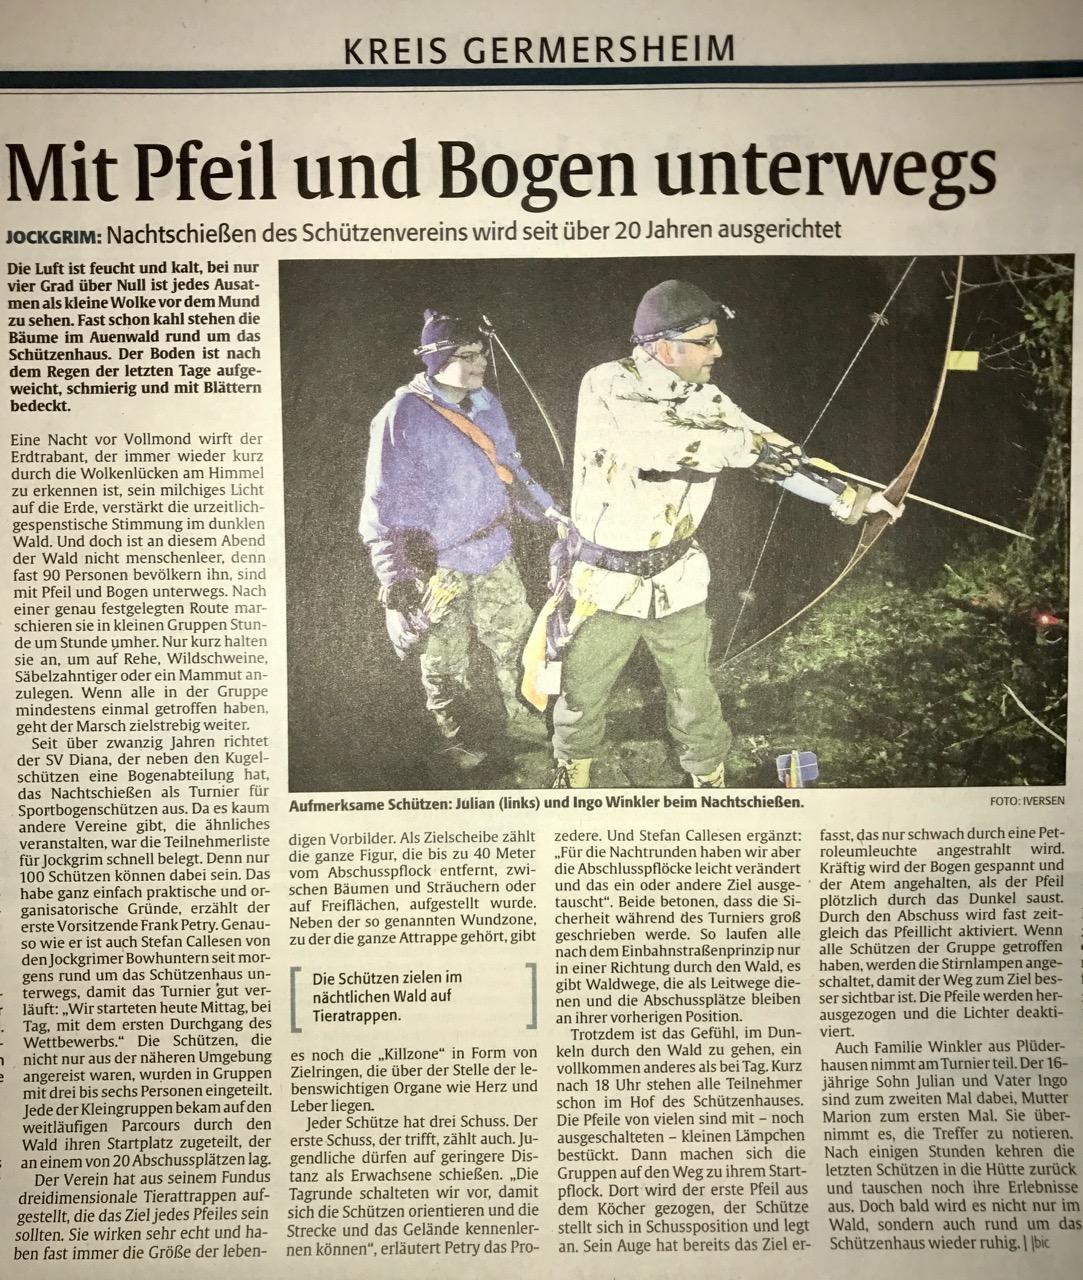 presse-nachtschiessen-2016